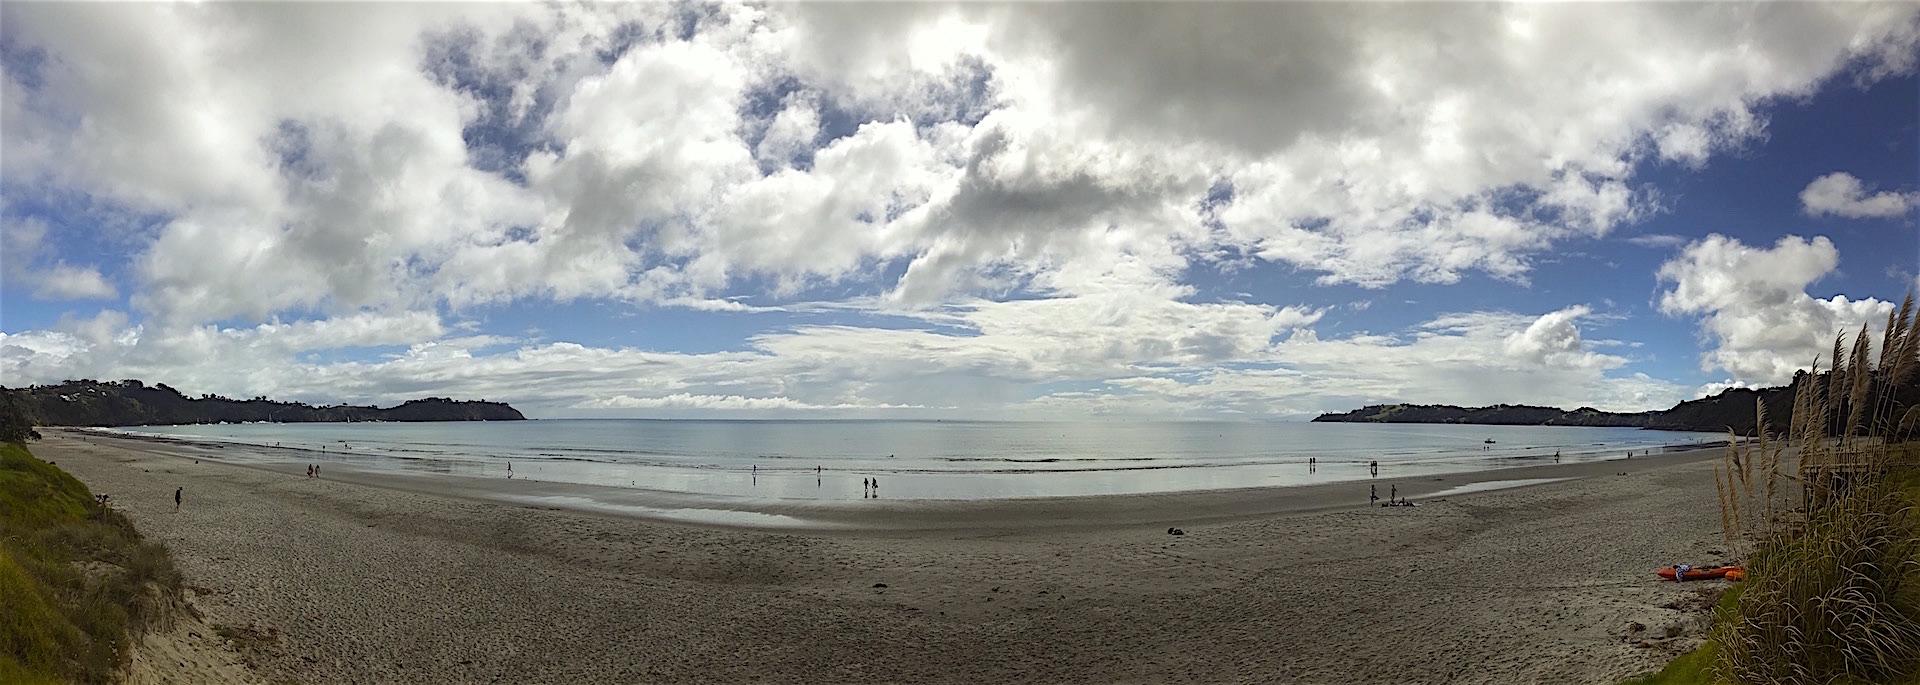 Waiheke Island - Auf den Spuren des Weines Annaway Travelblog Neuseeland Travel Reisen 265